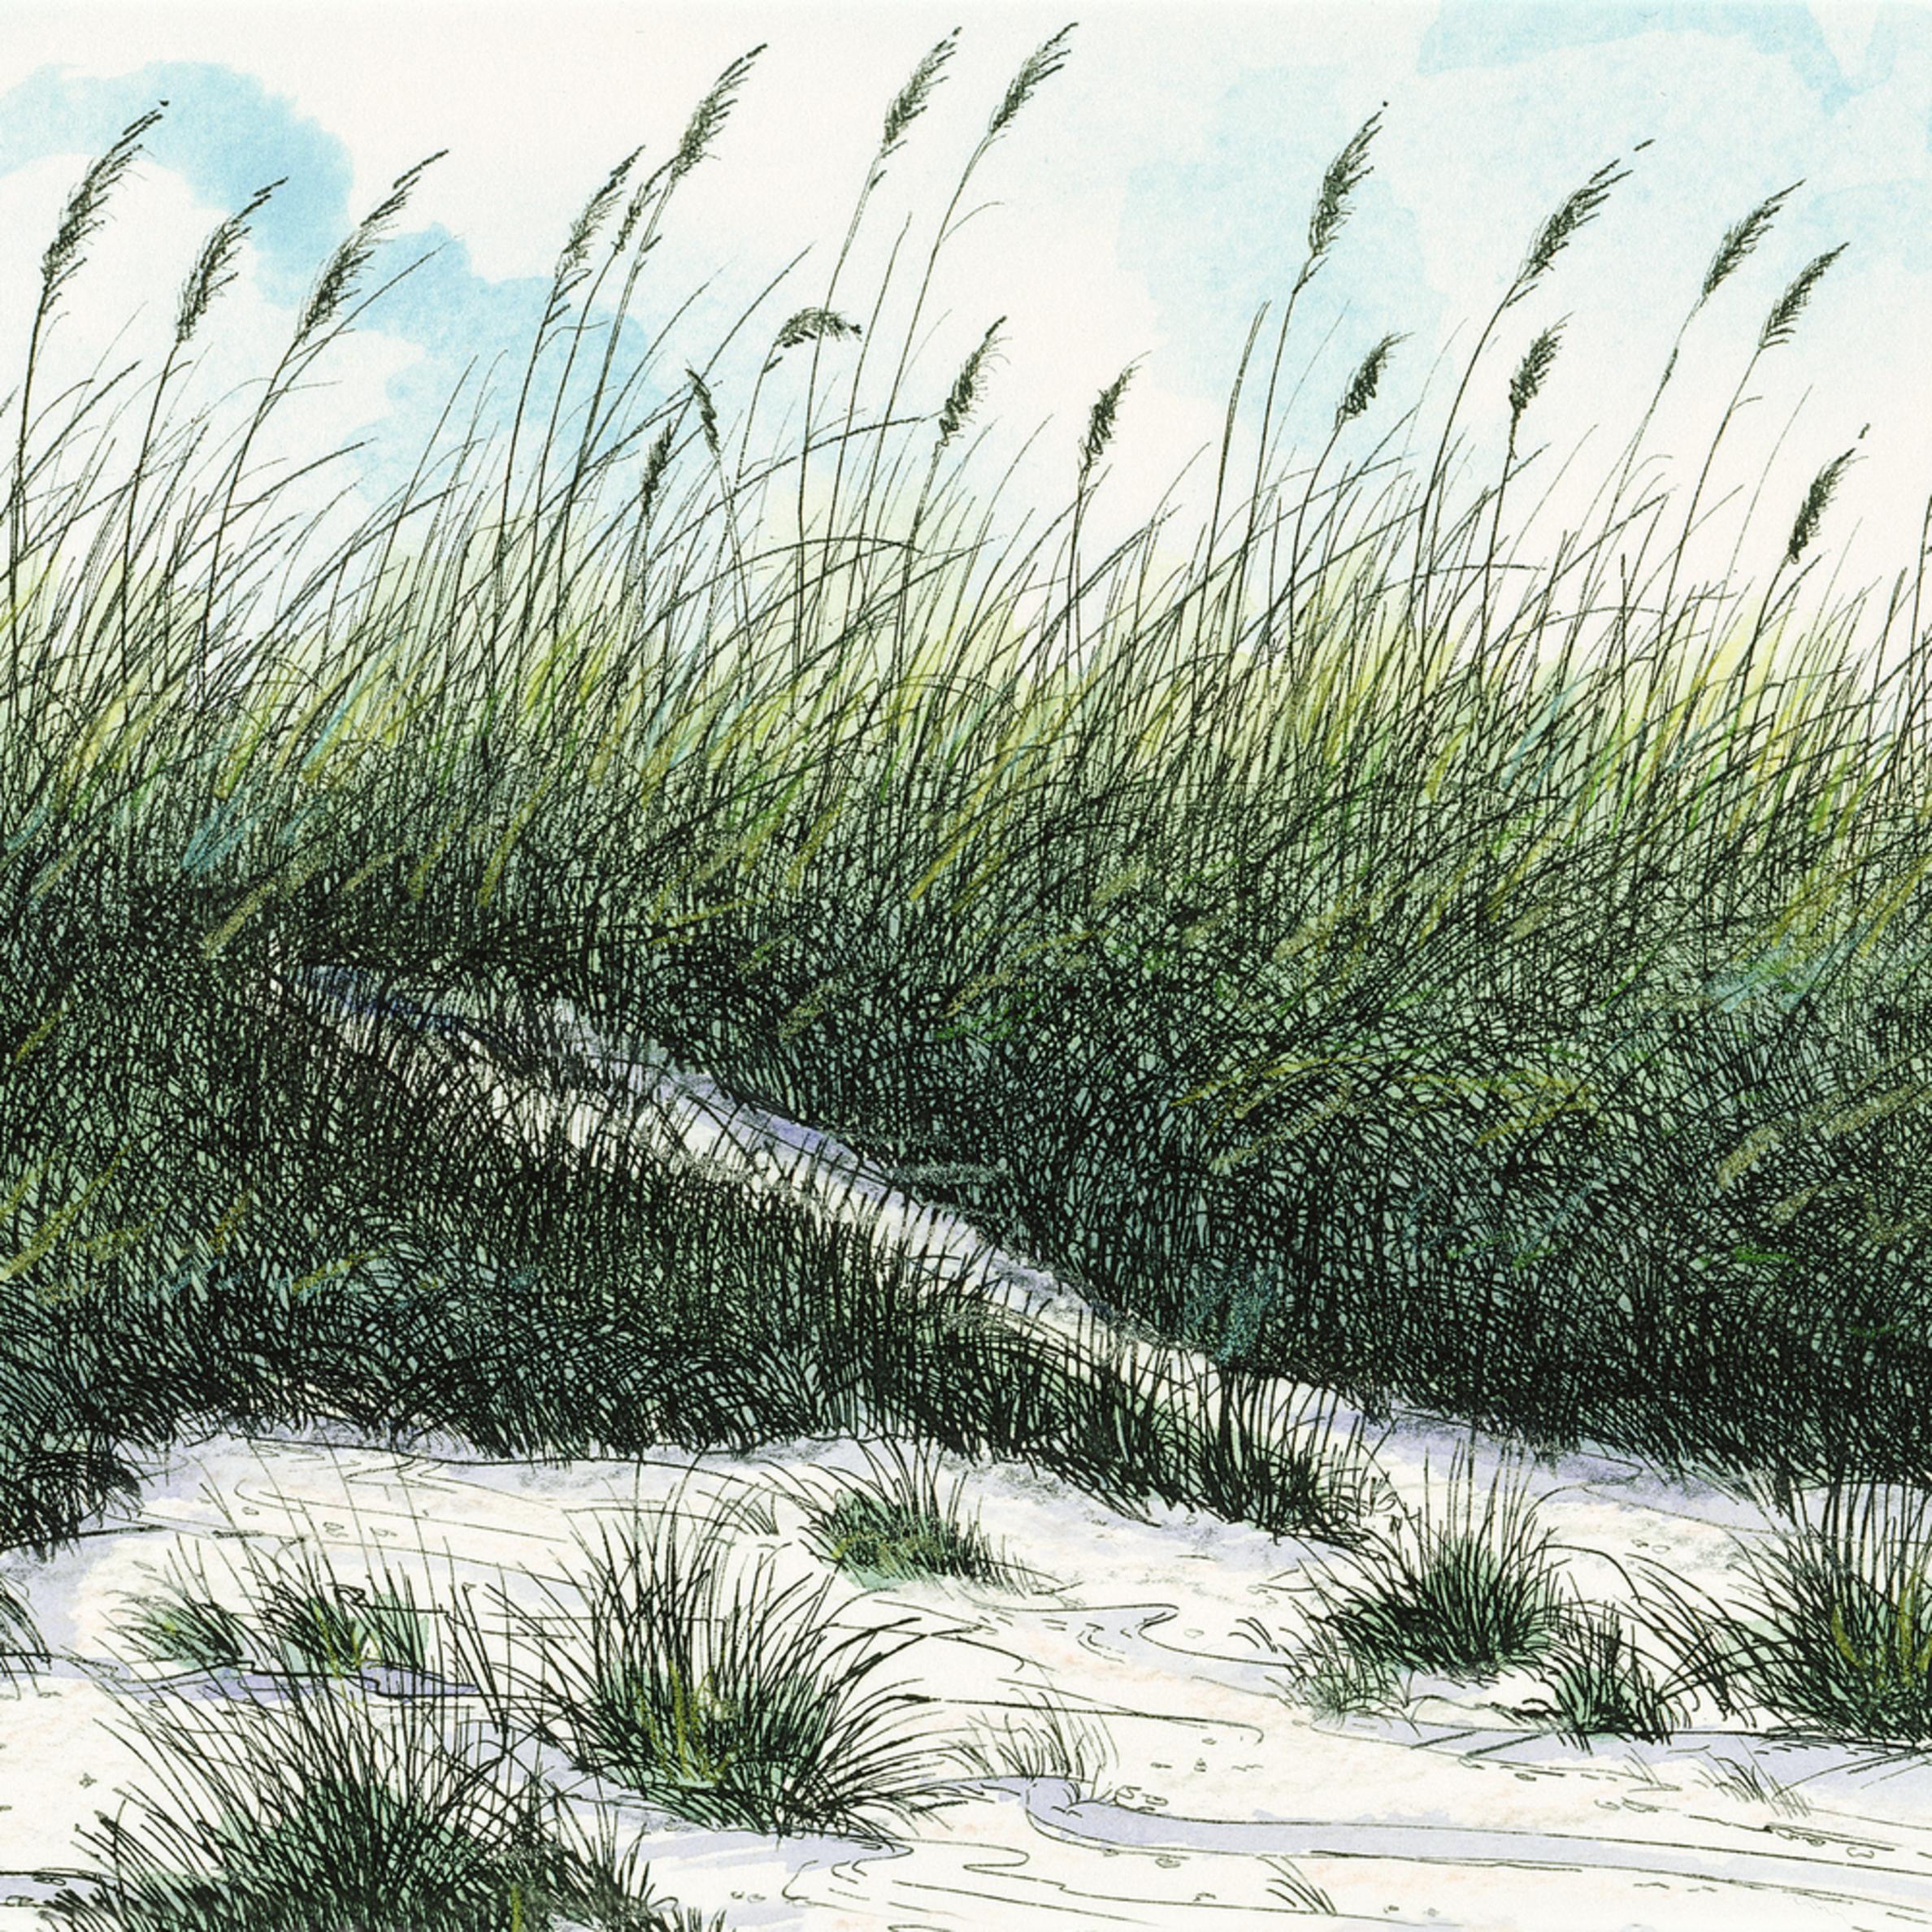 Carolina dunes 11x8 d0qbaf